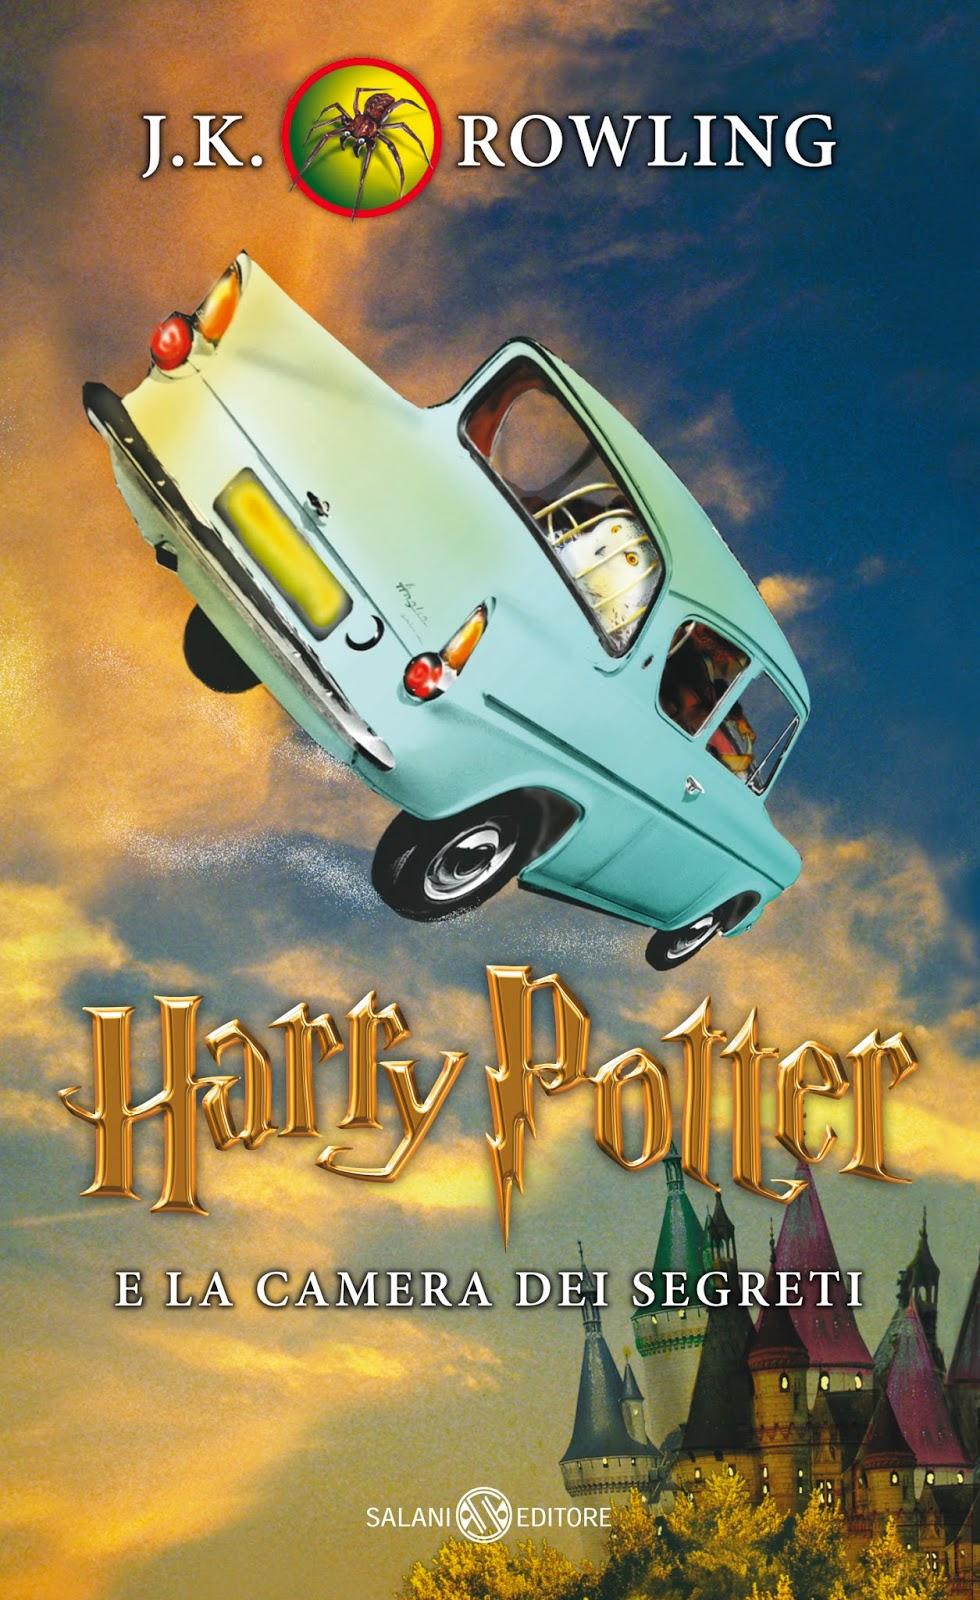 Harry Potter e la camera dei segreti Edizione 2014 Illustrazioni Ien van Laanen